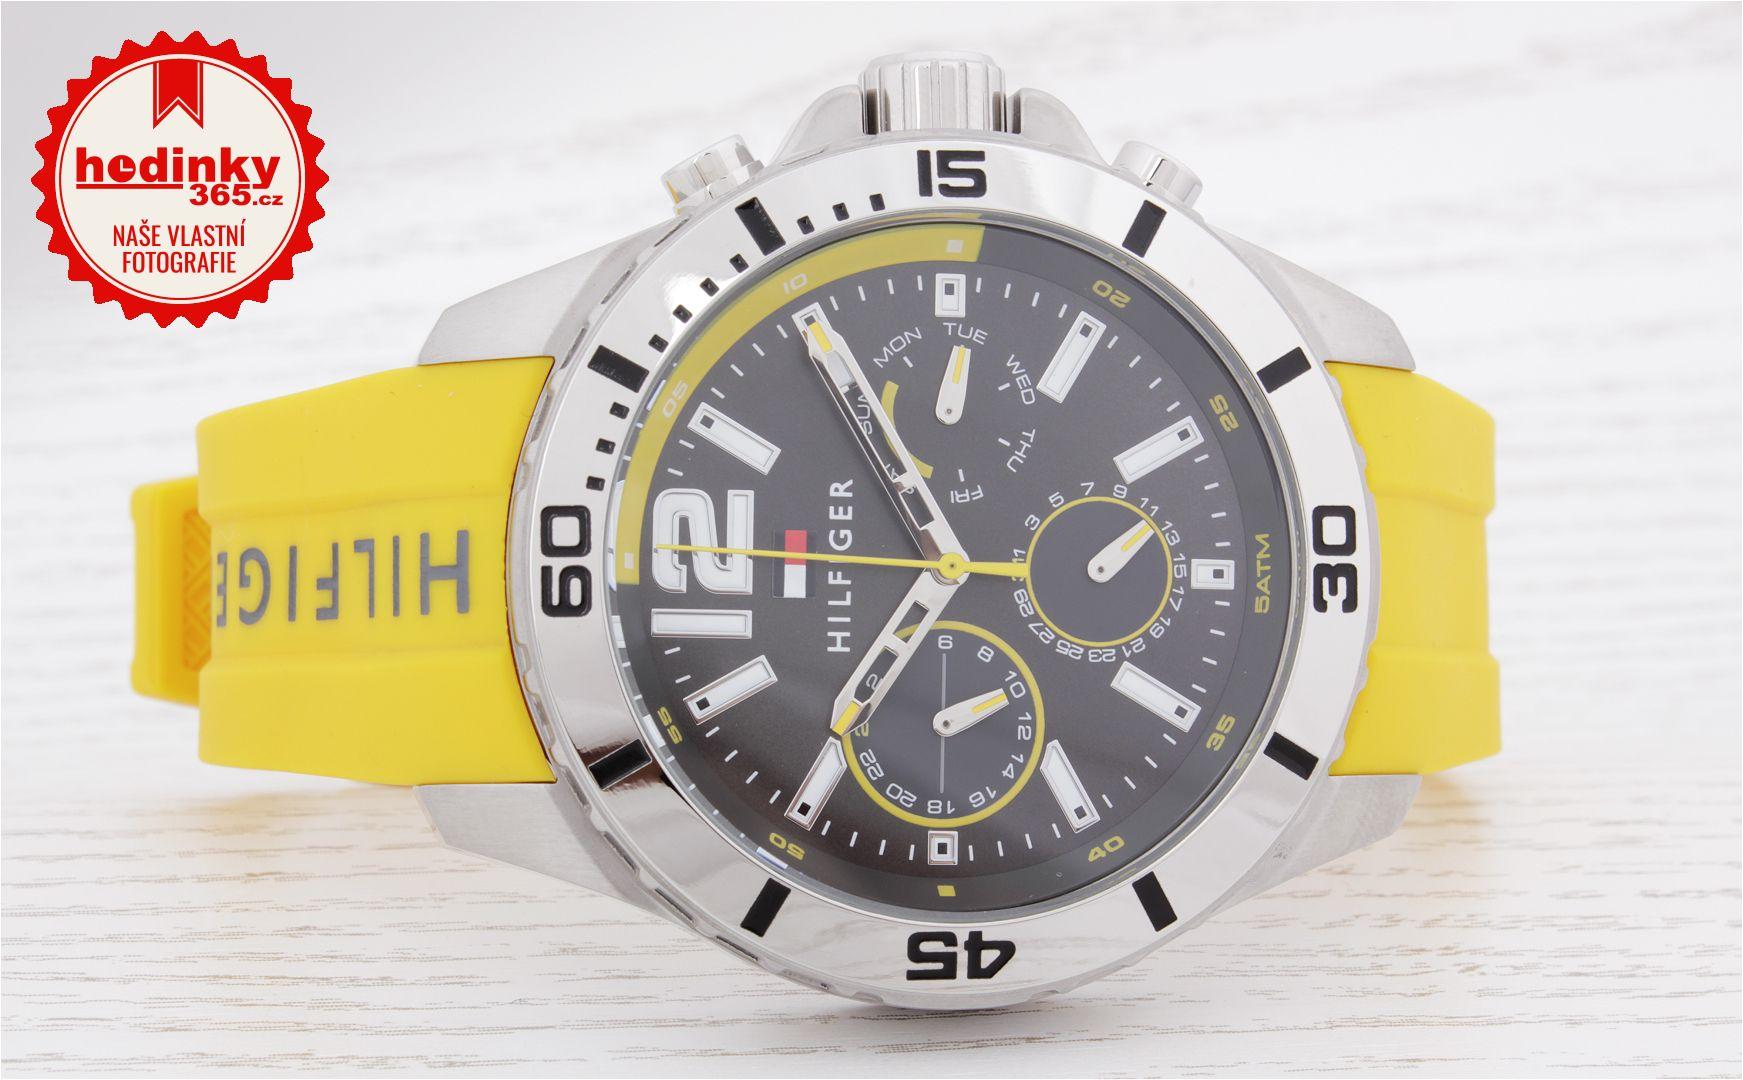 15a2c5d76 Pánske hodinky - silikónový remienok, ocel puzdro, minerálne sklíčko.  Všetky technické parametre nájdete nižšie